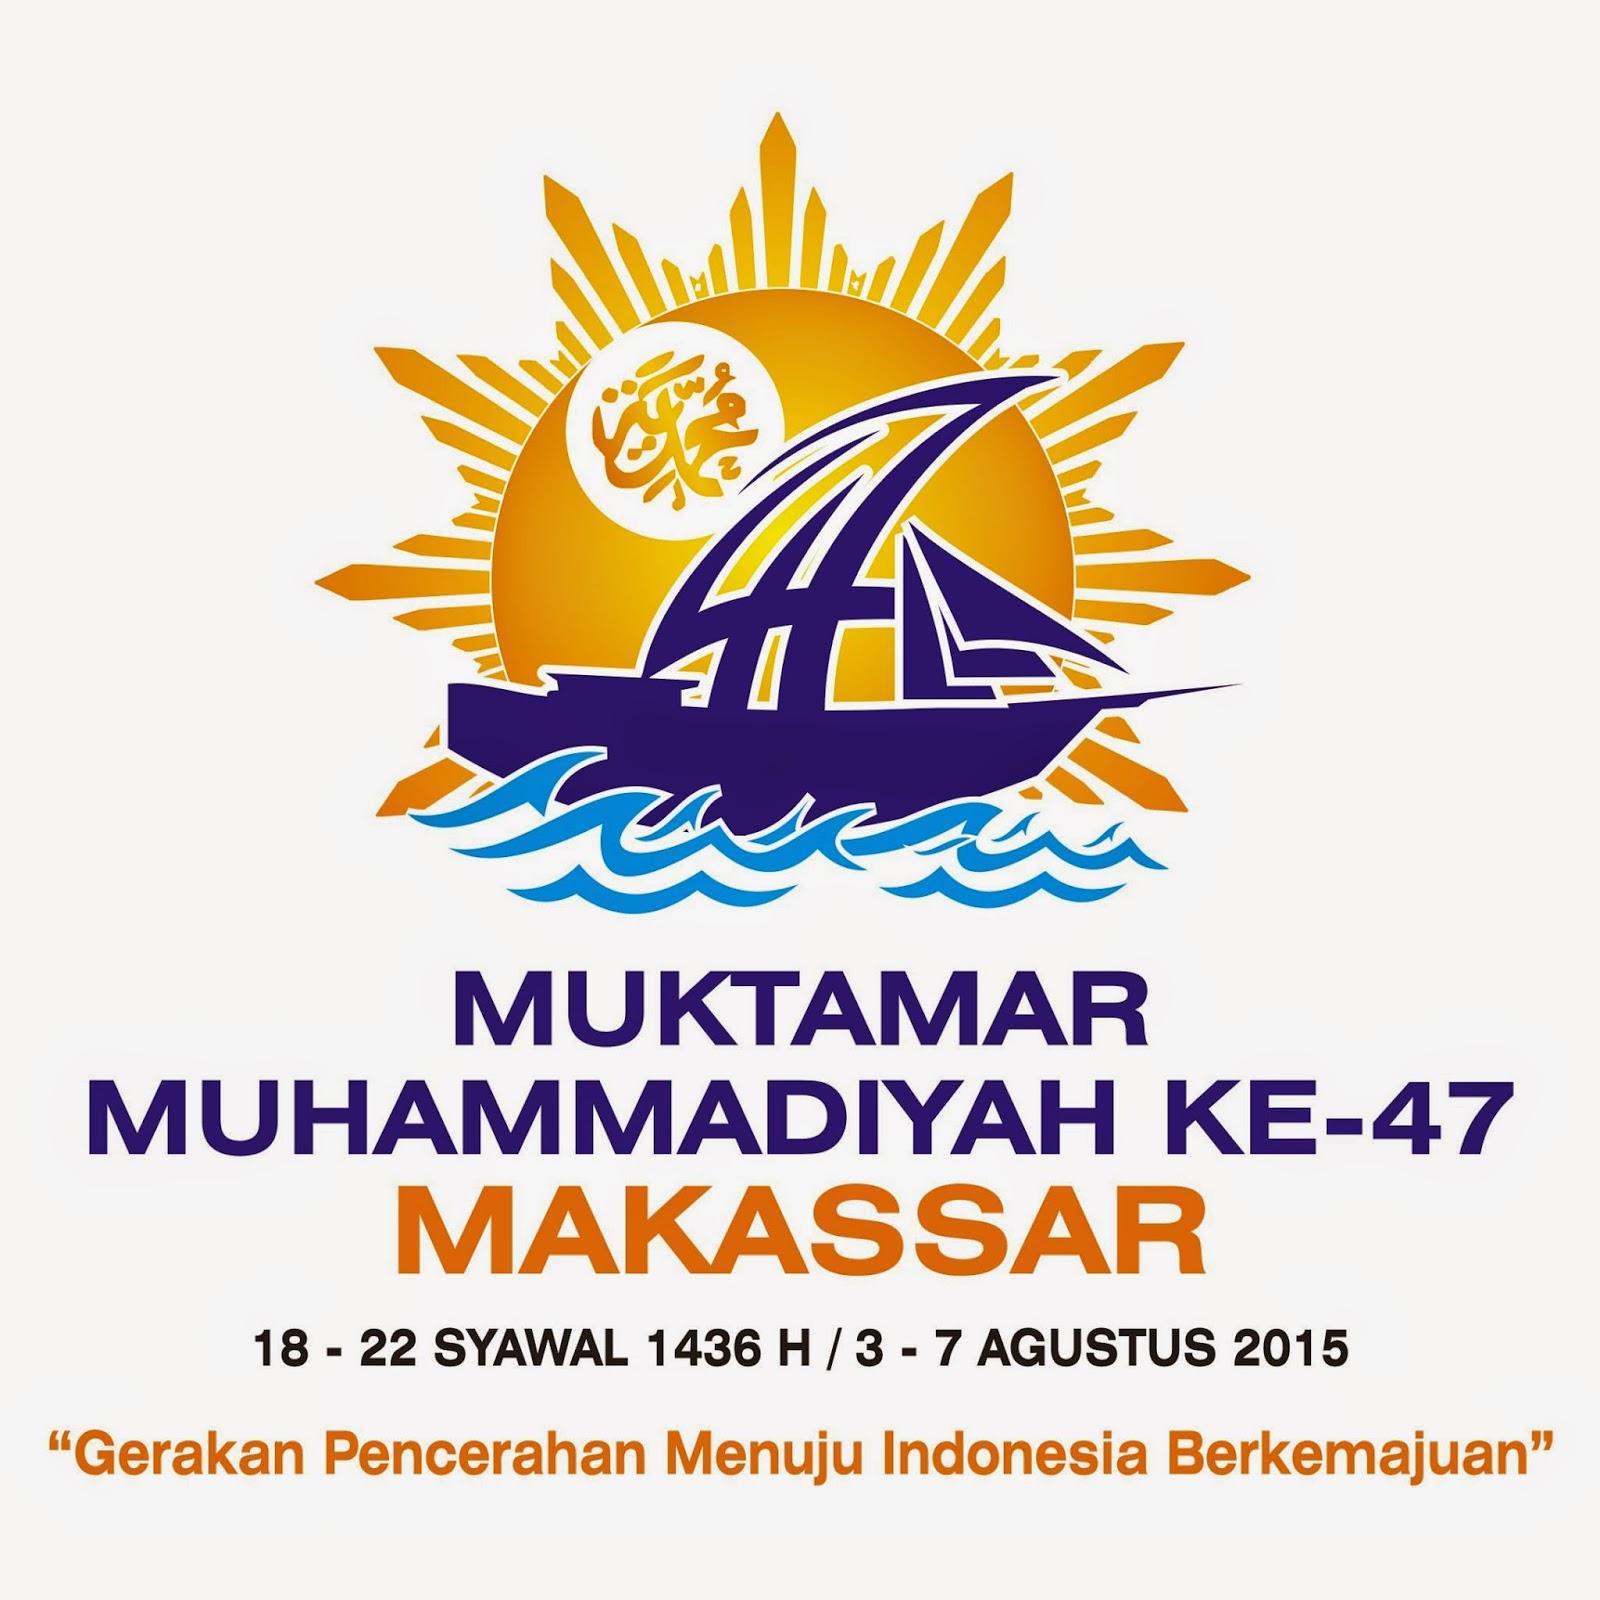 Logo Muktamar Muhammadiyah 47 Makassar 2015